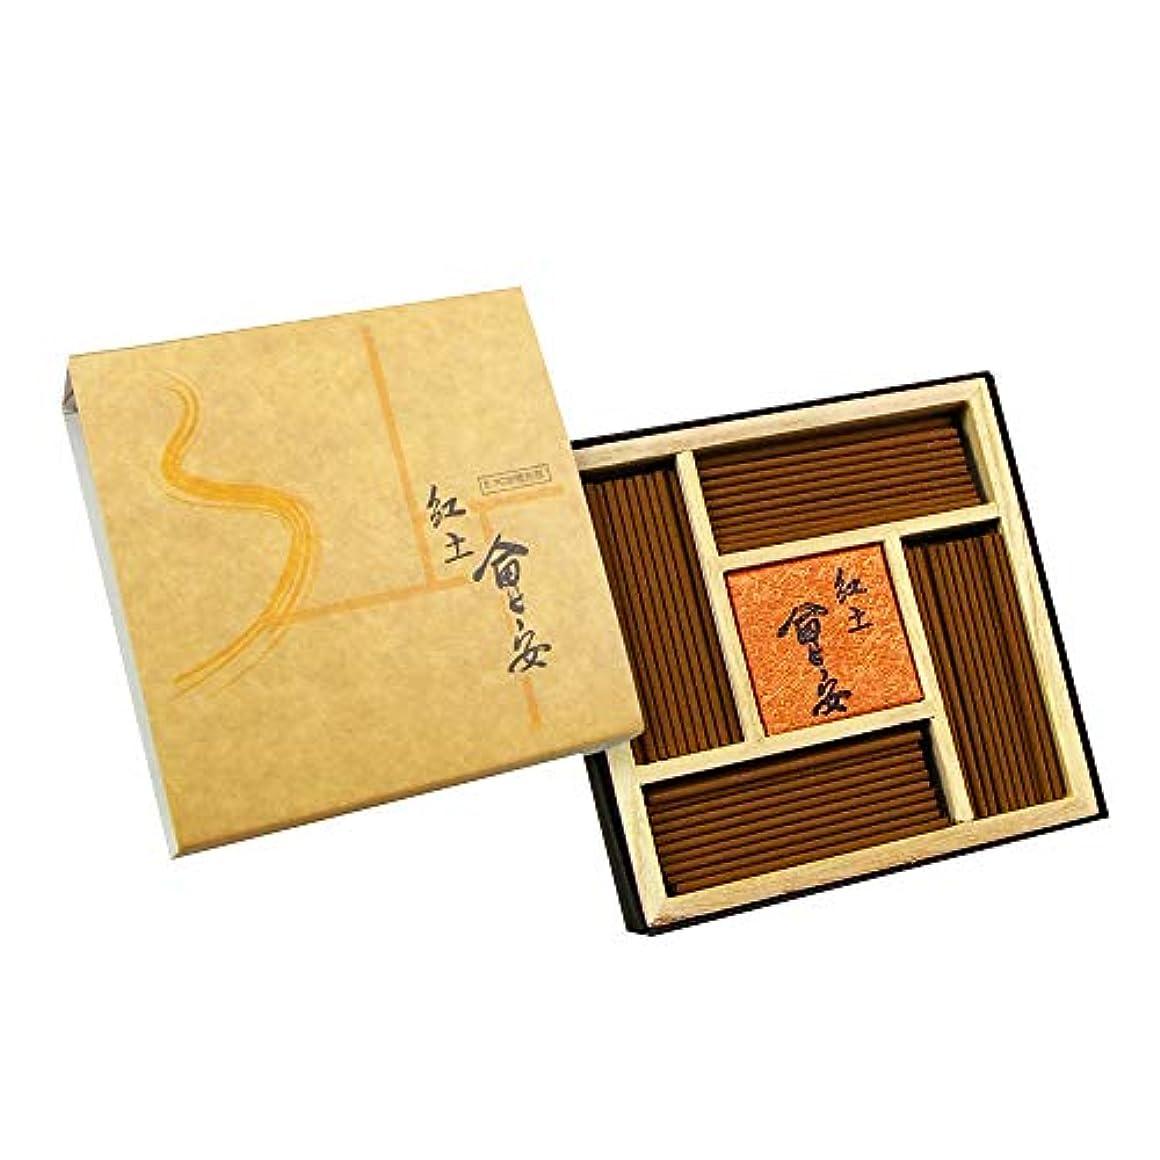 量贅沢靴下Fushankodo お香スティック Hui-an Red Clay Agarwood アロエウッド アギラウッド 北欧のベトナム素材 100%天然 化学添加なし 57mm